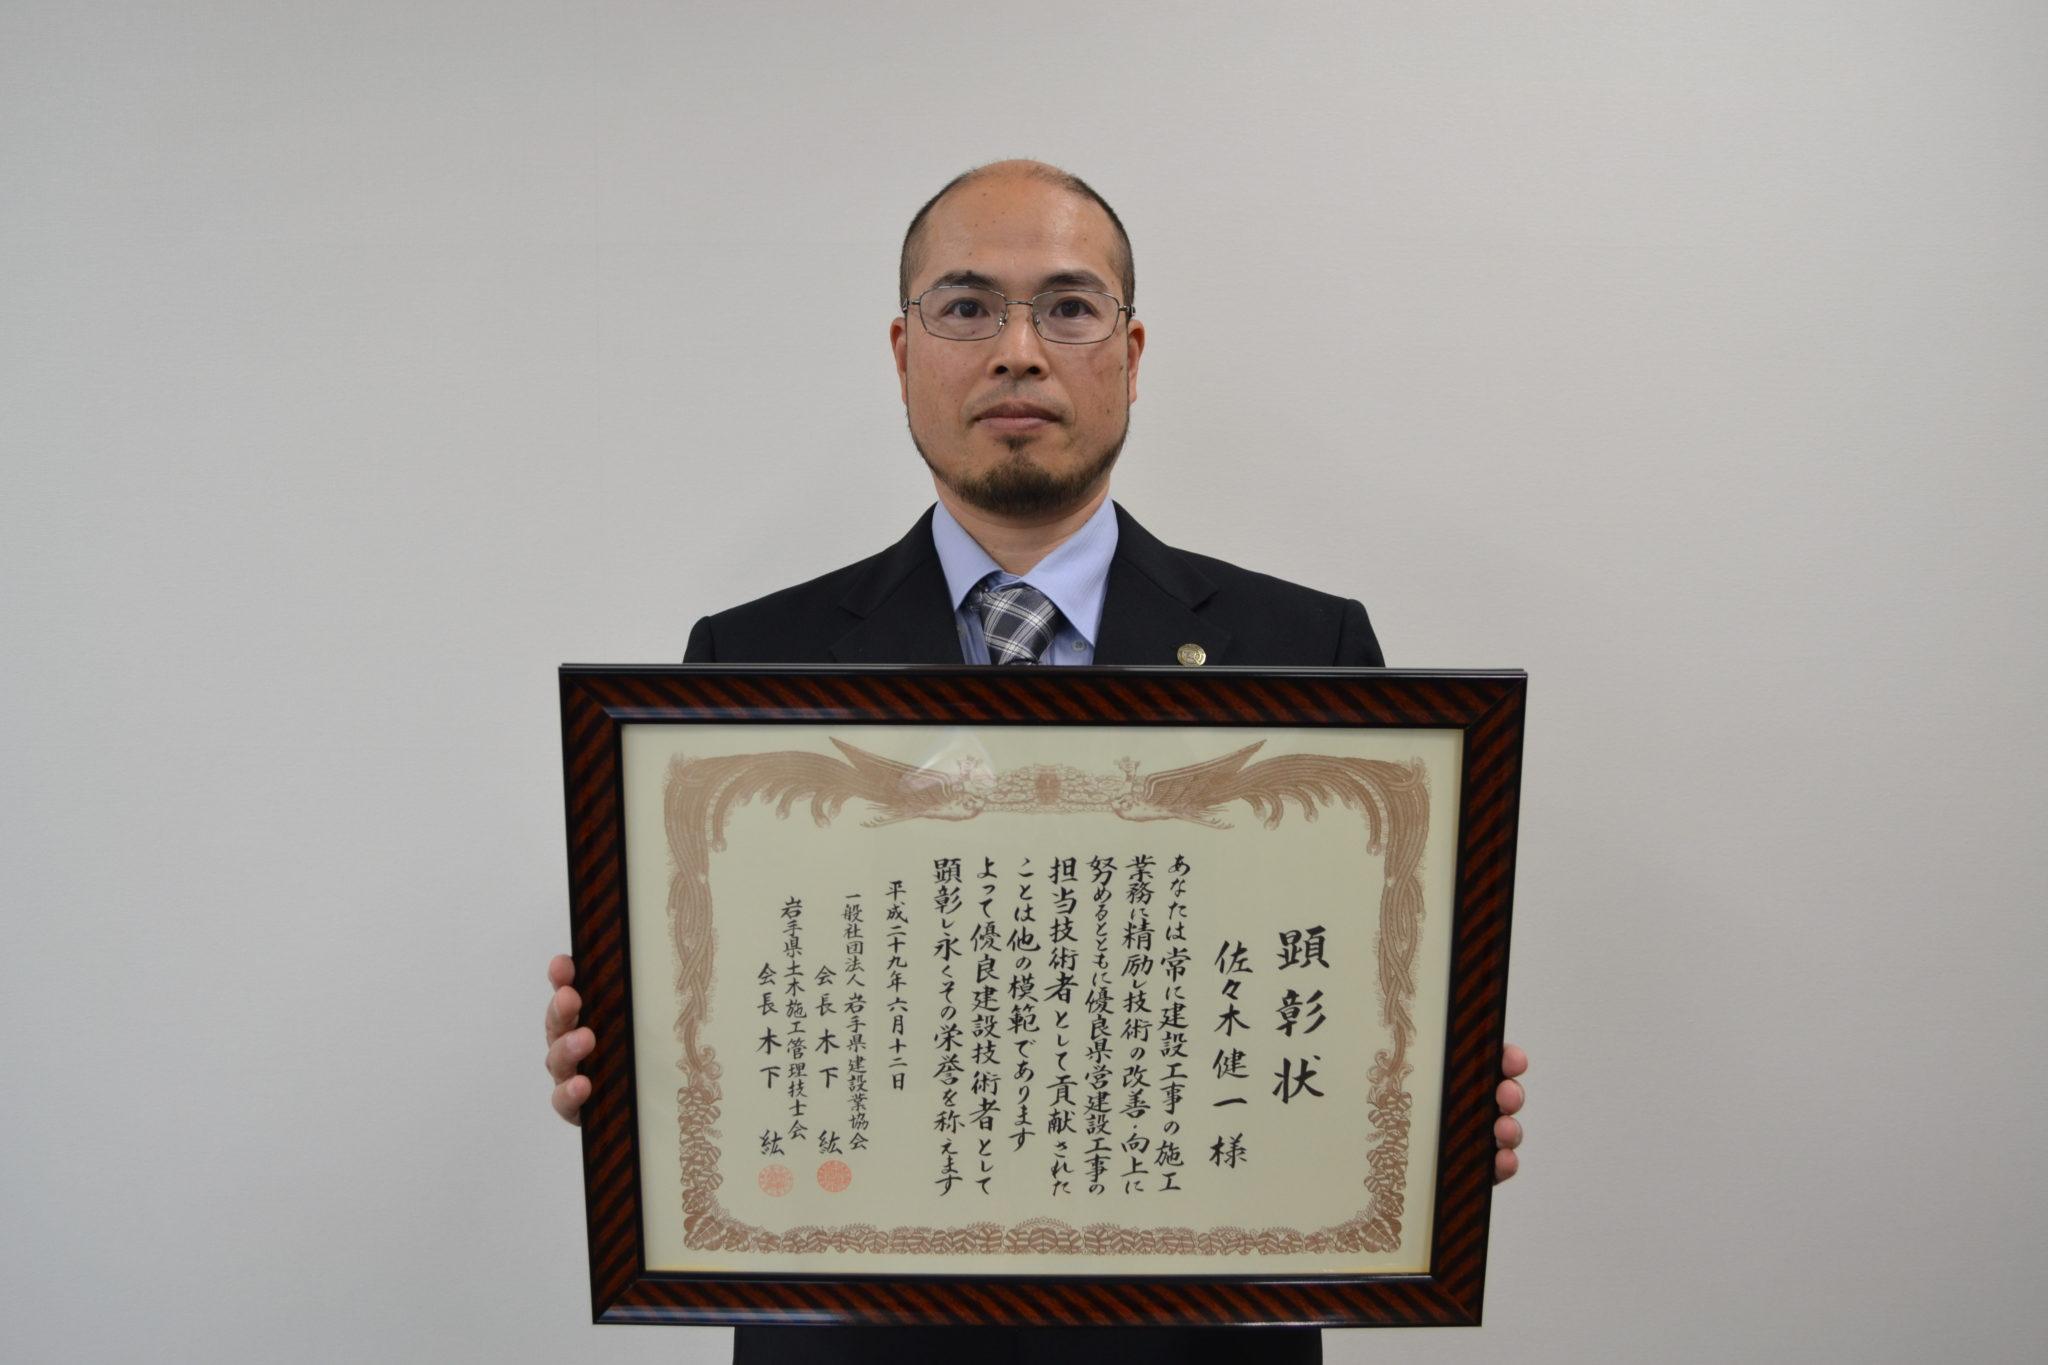 優良県営建設工事担当技術者会長顕彰